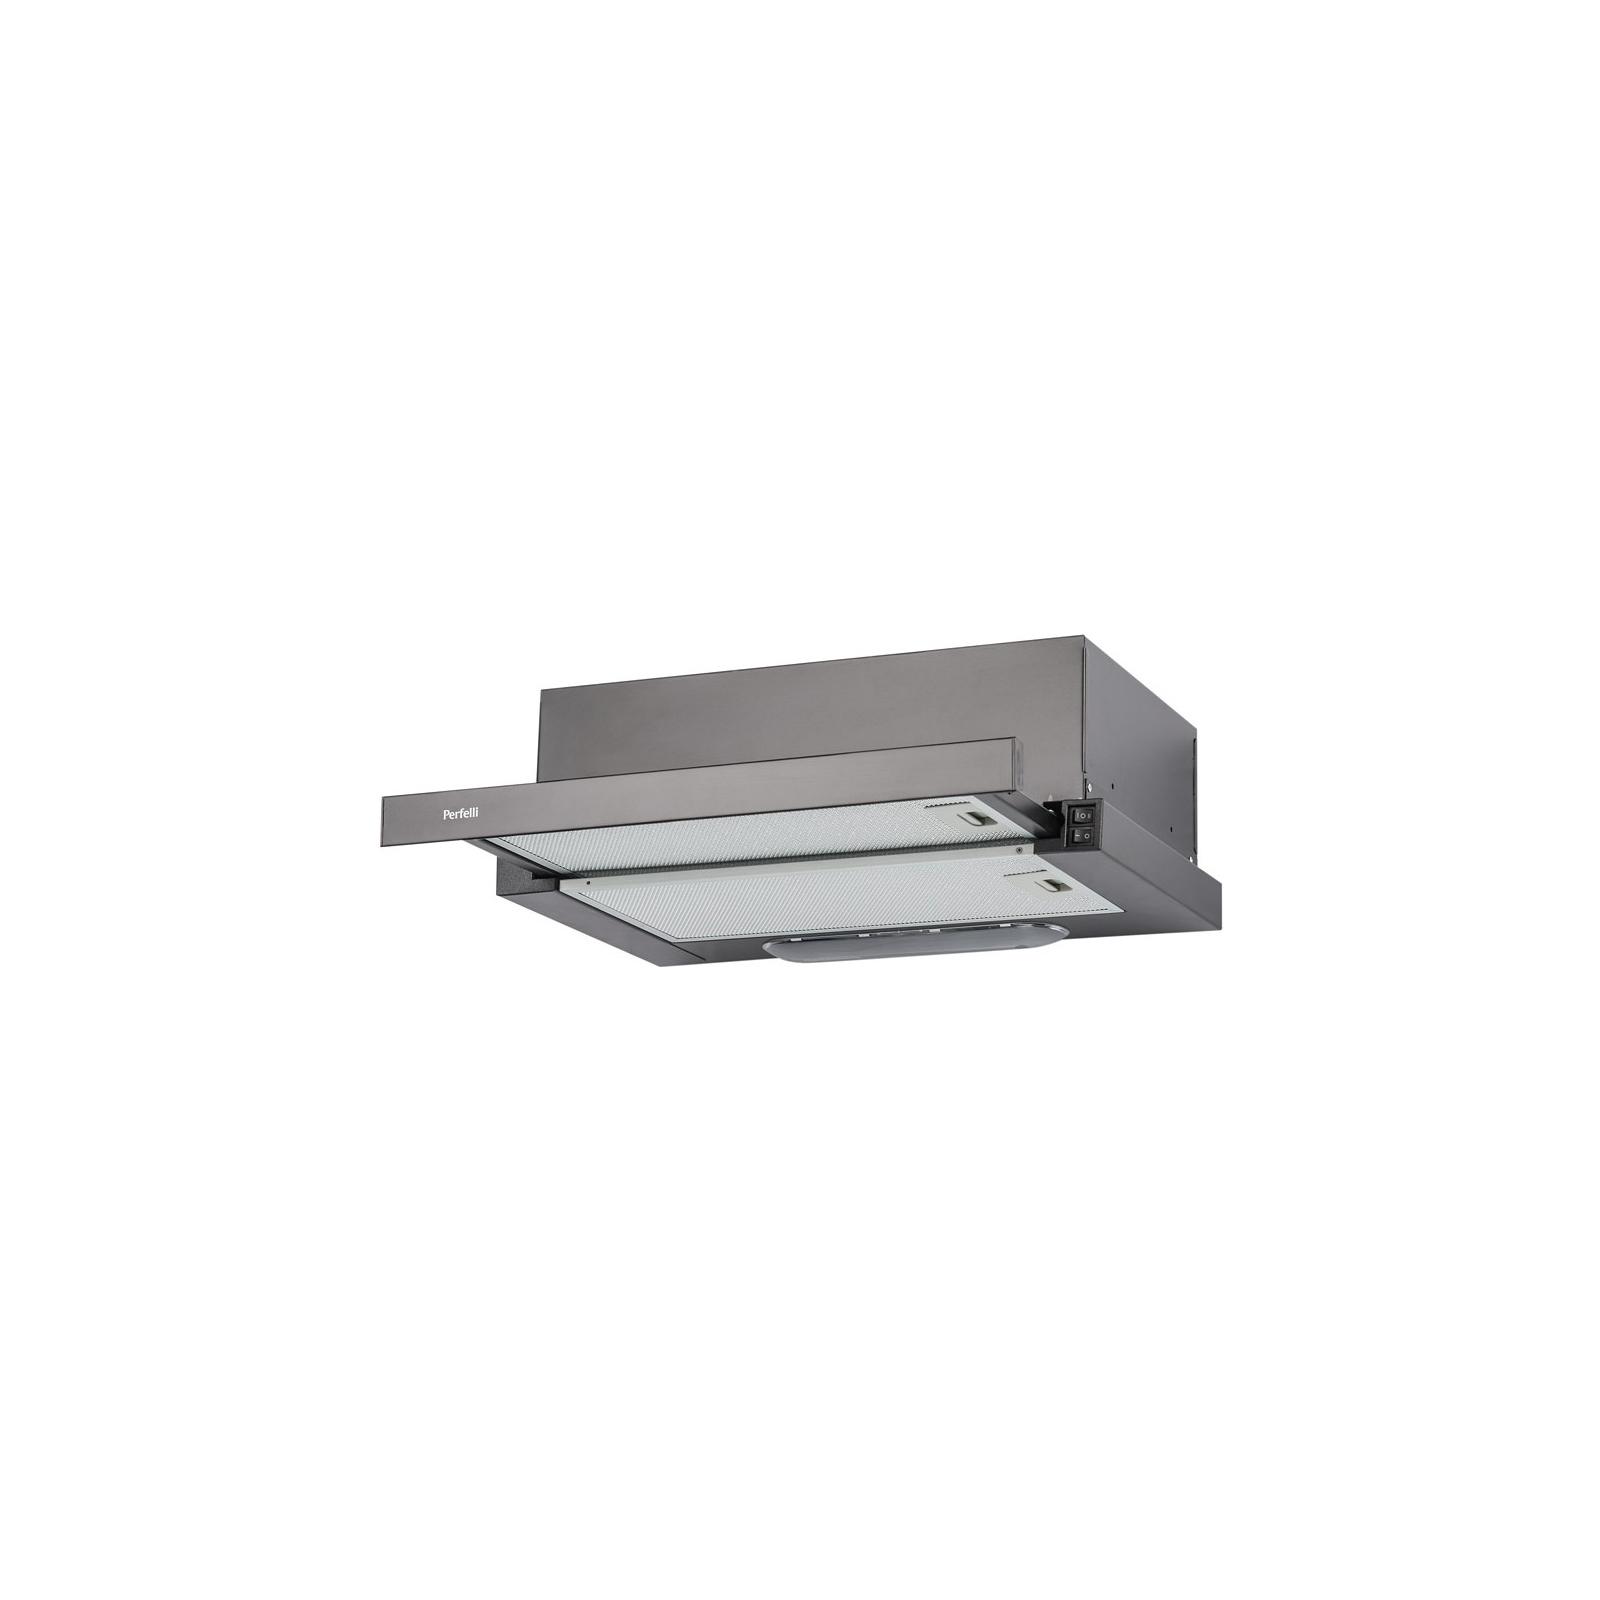 Вытяжка кухонная Perfelli TL 620 BL